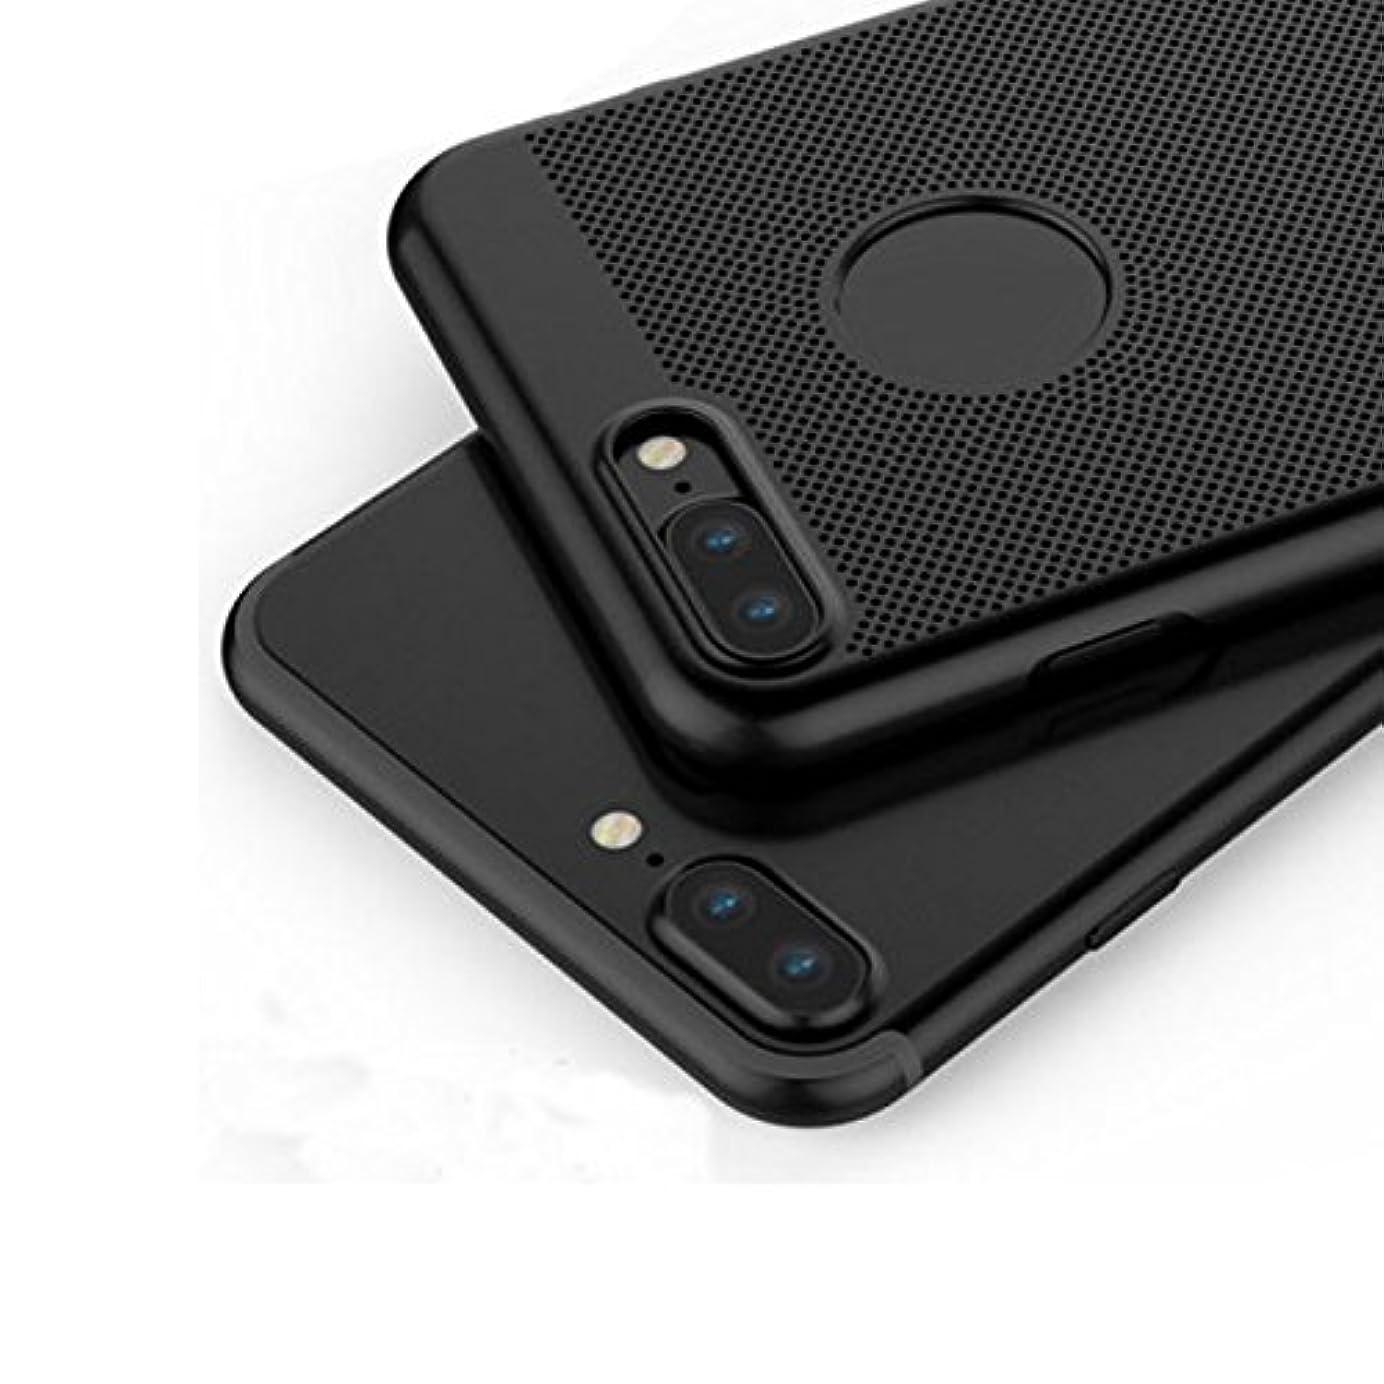 獣食料品店好むJicorzo - ケースカバーiPhone 7プラスクーリング6 6Sプラスシンハード小米科技5SサムスンS7エッジのために華為8用のシェルを冷却